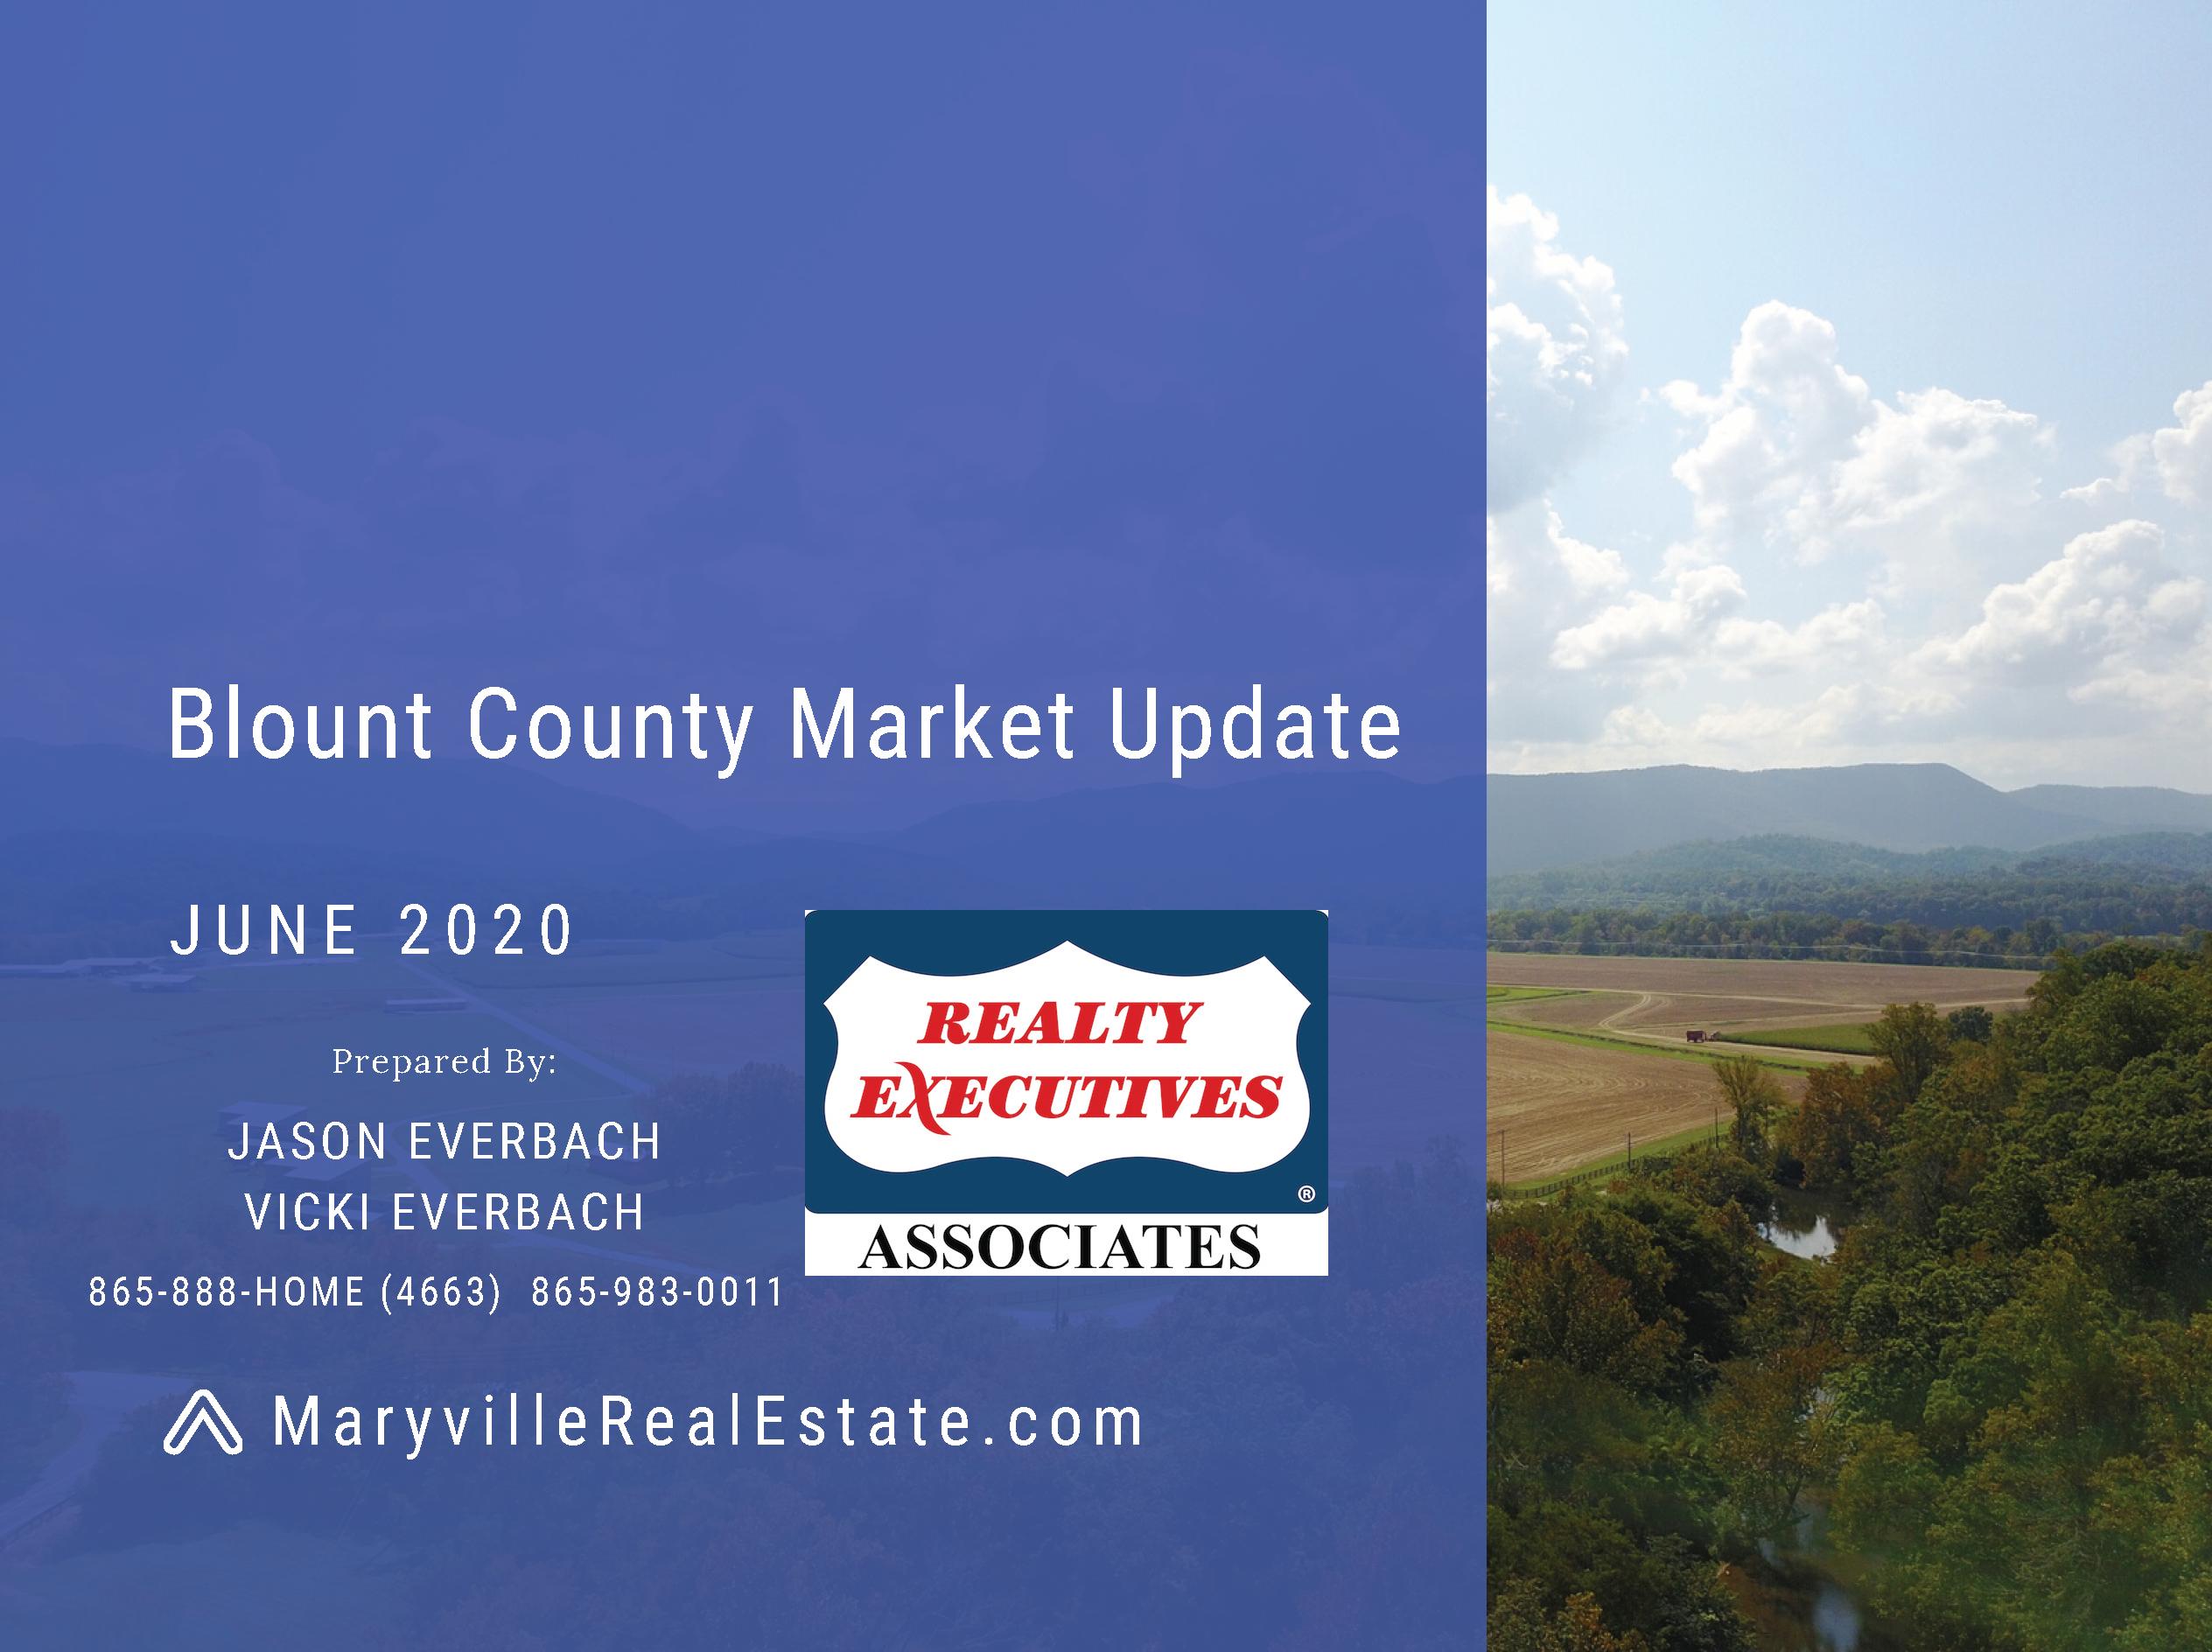 June 2020 Blount County Market Update